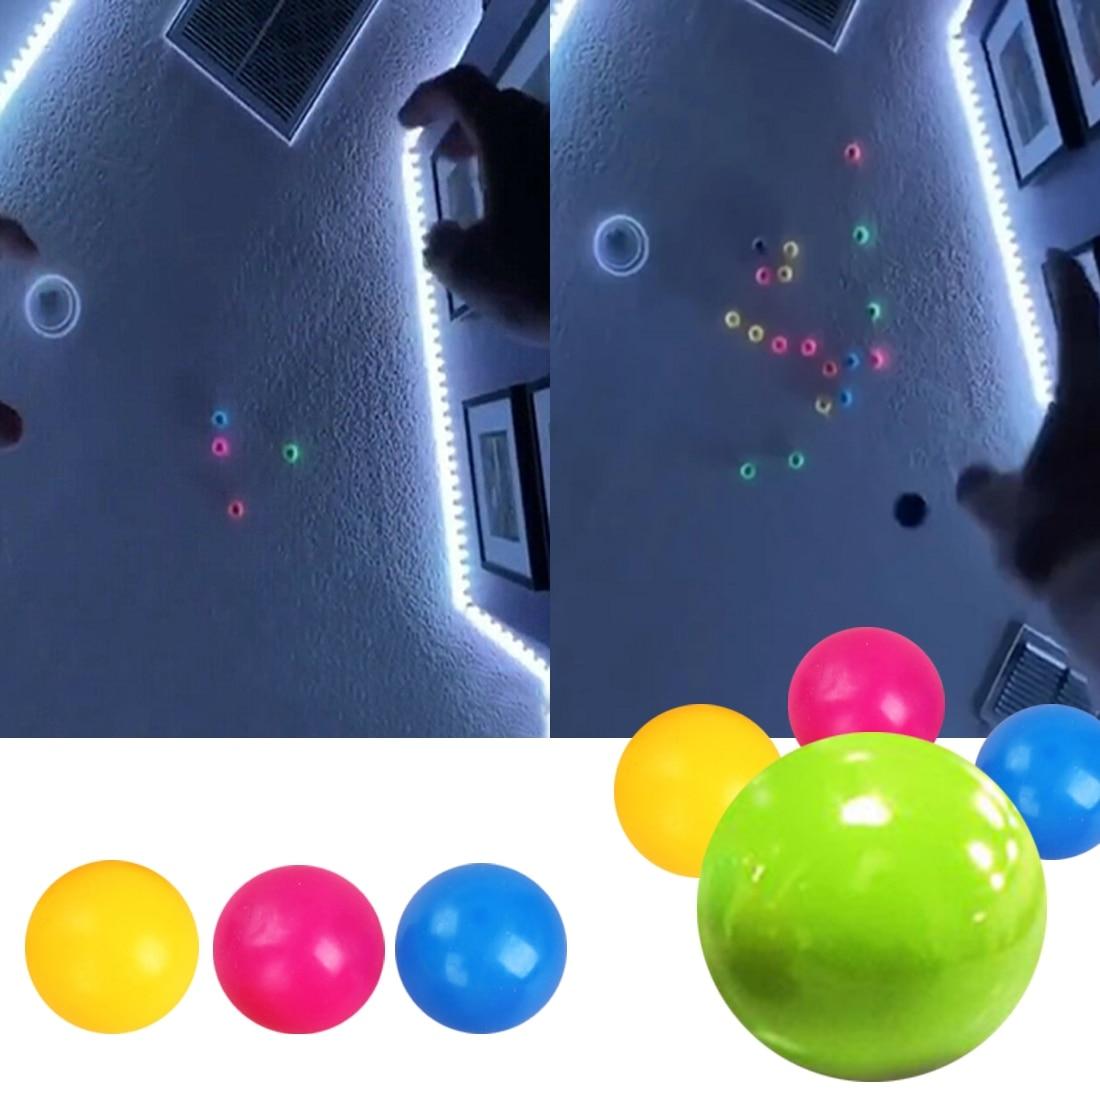 Светящиеся Настенные шарики-мишени на присоске, липкие декомпрессионные игрушки для детей, подростков, взрослых, цветные игрушечные шарики...